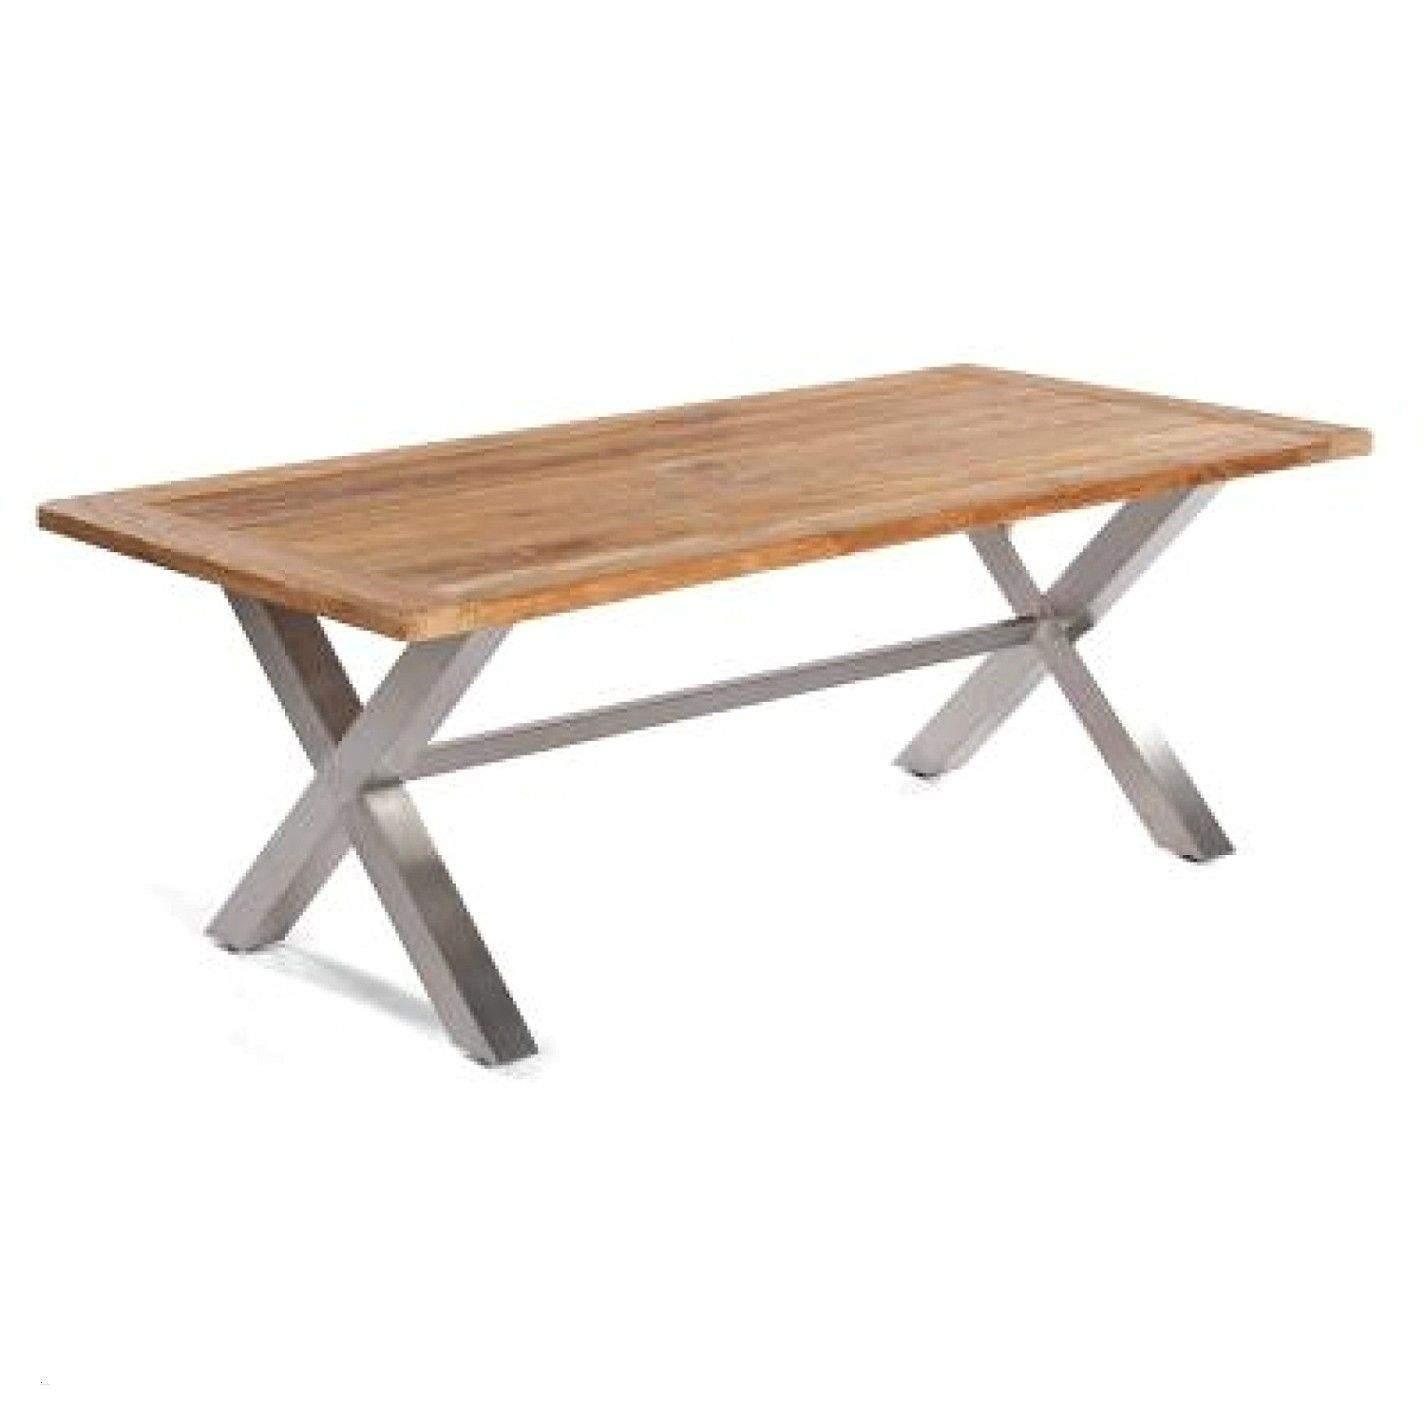 terrassen tisch und stuehle gartentisch teak wunderbar gartentisch teak neu tisch 200x100 0d luxus